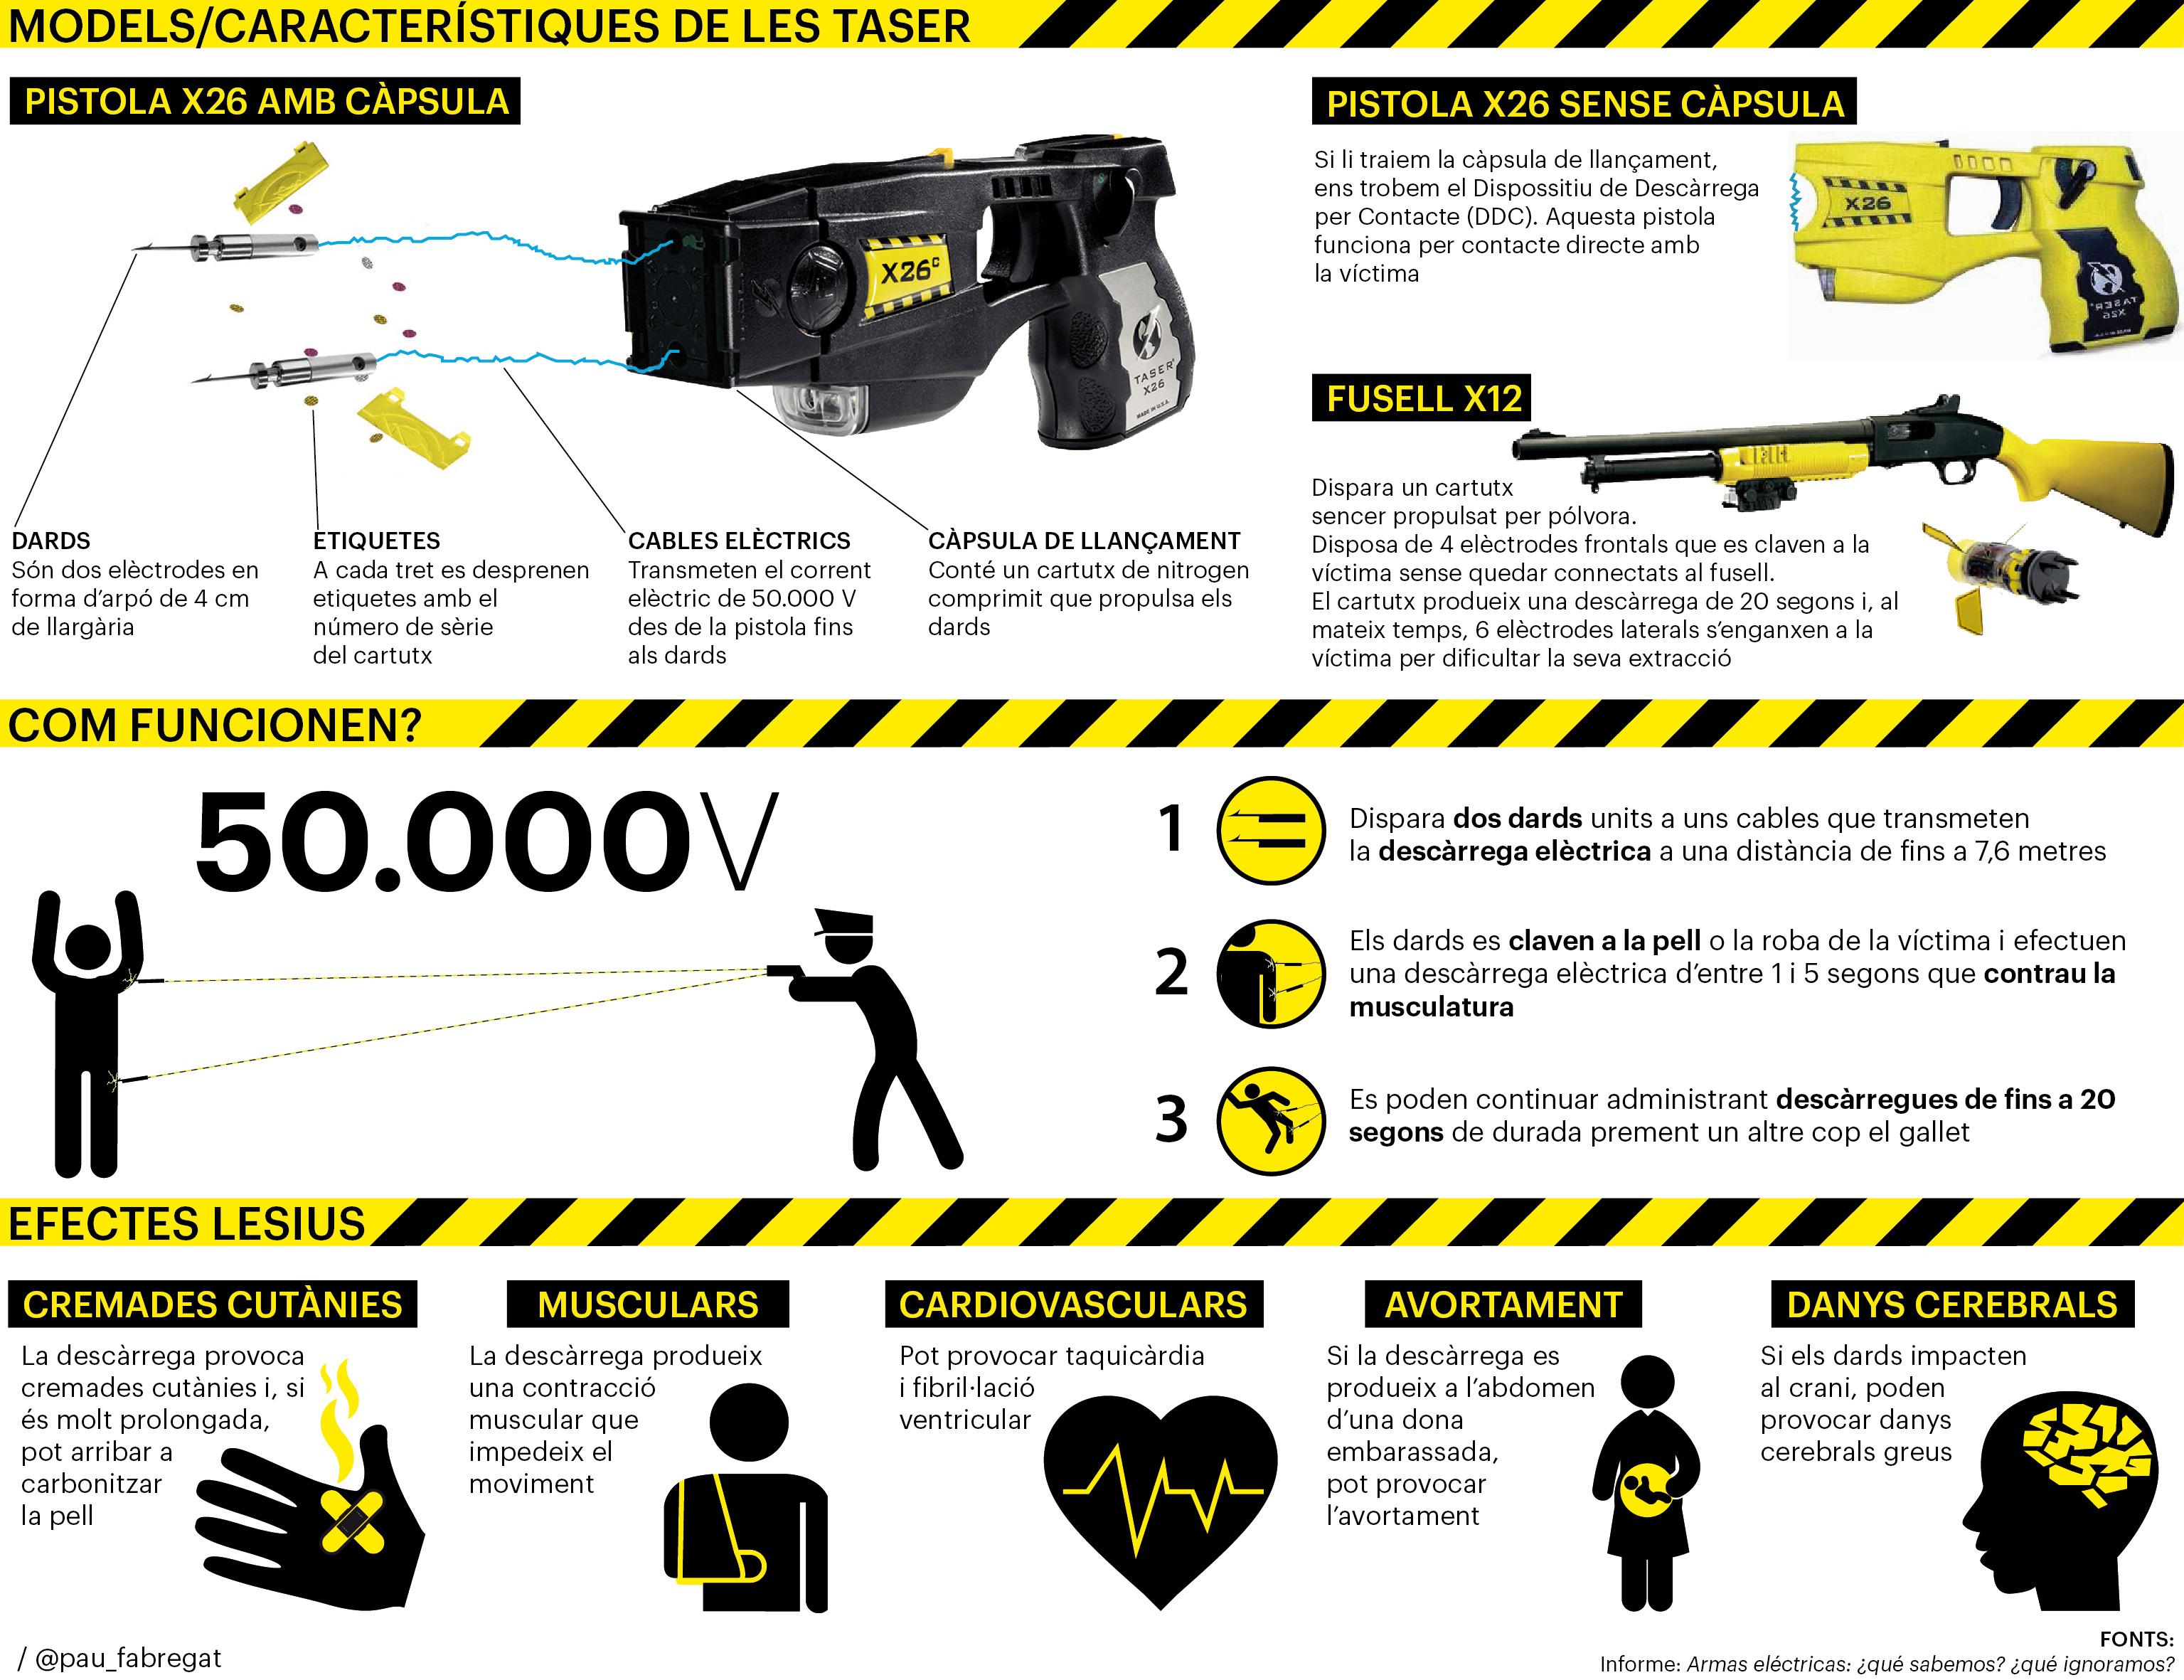 Les pistoles elèctriques Taser